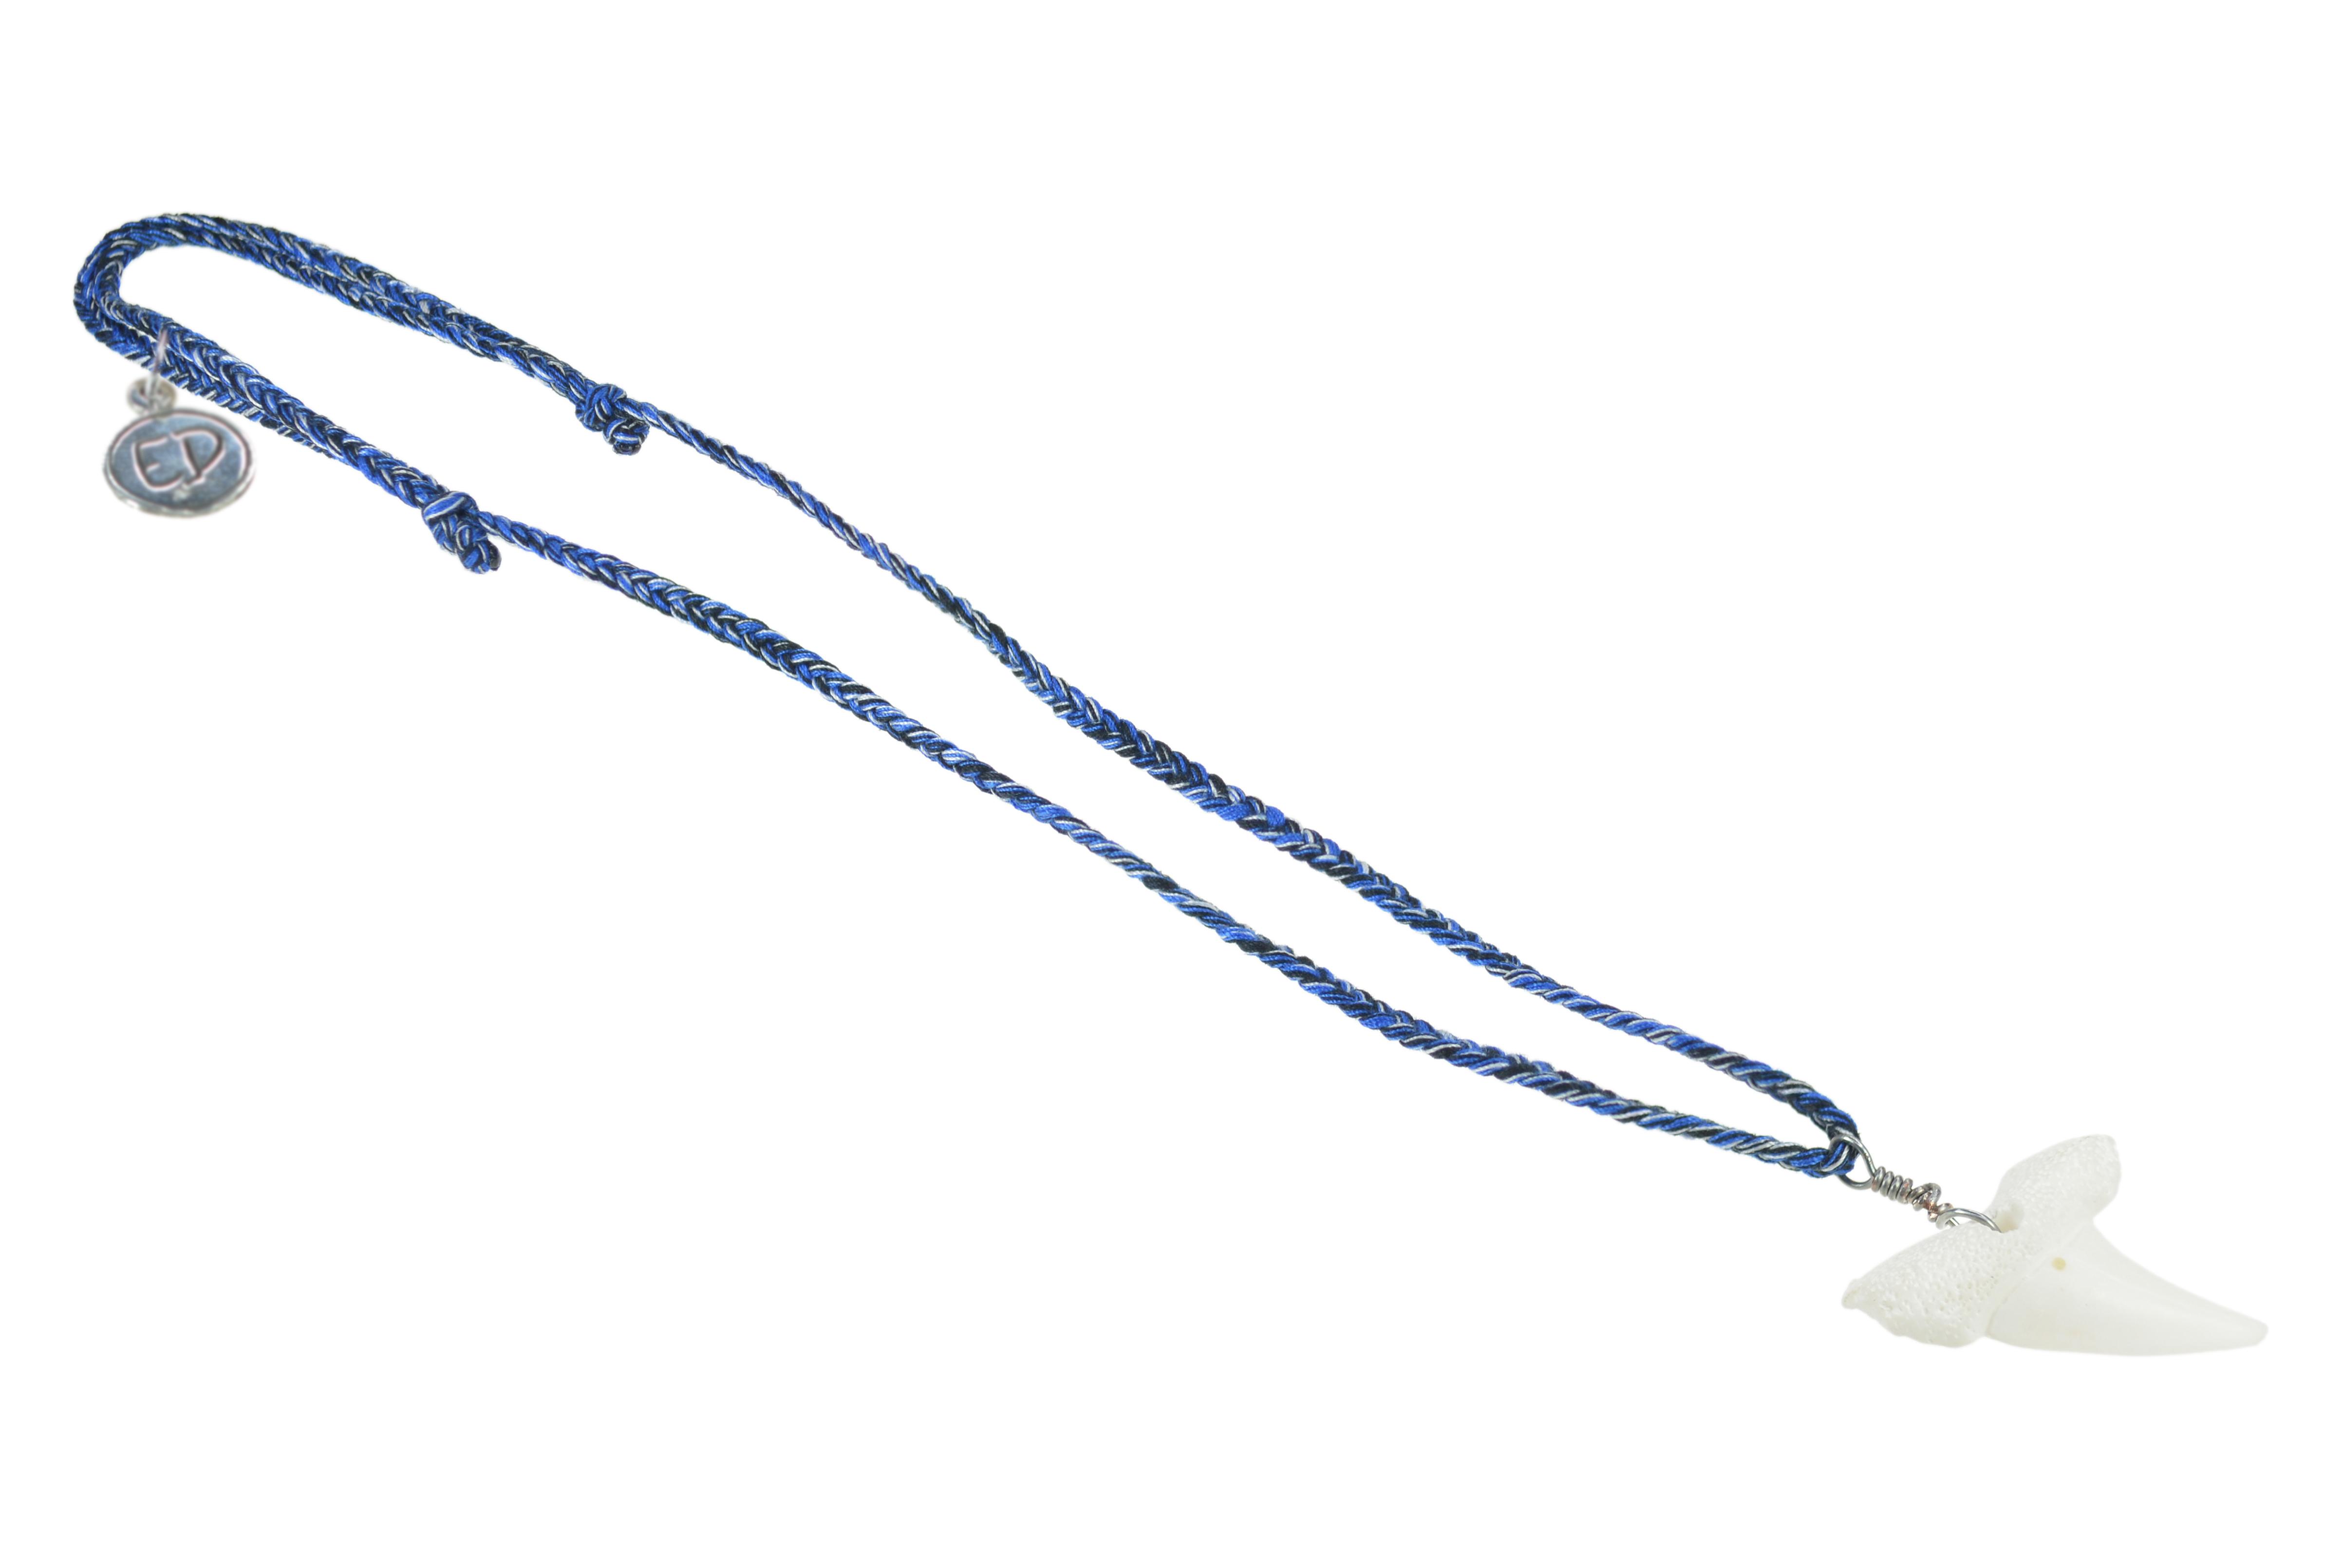 Pánsky prírodný náhrdelník s príveskom žraločí zub - modrý